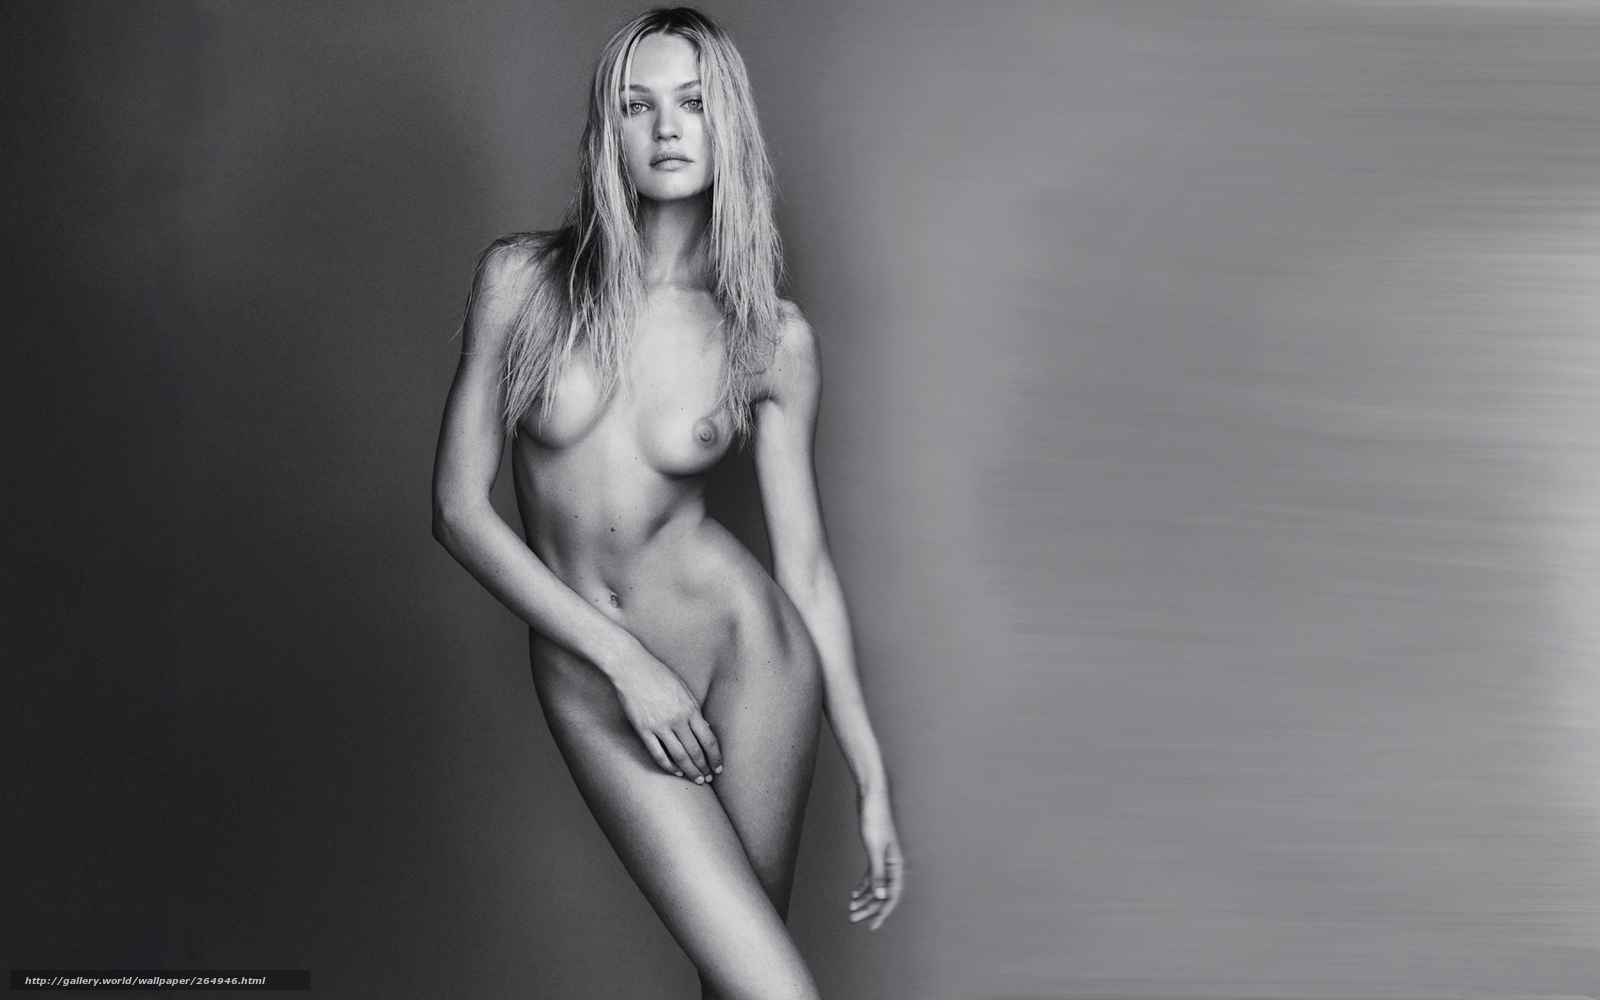 Смотреть порно бесплатно девушек candice swanepoel mysexygirl 2 фотография